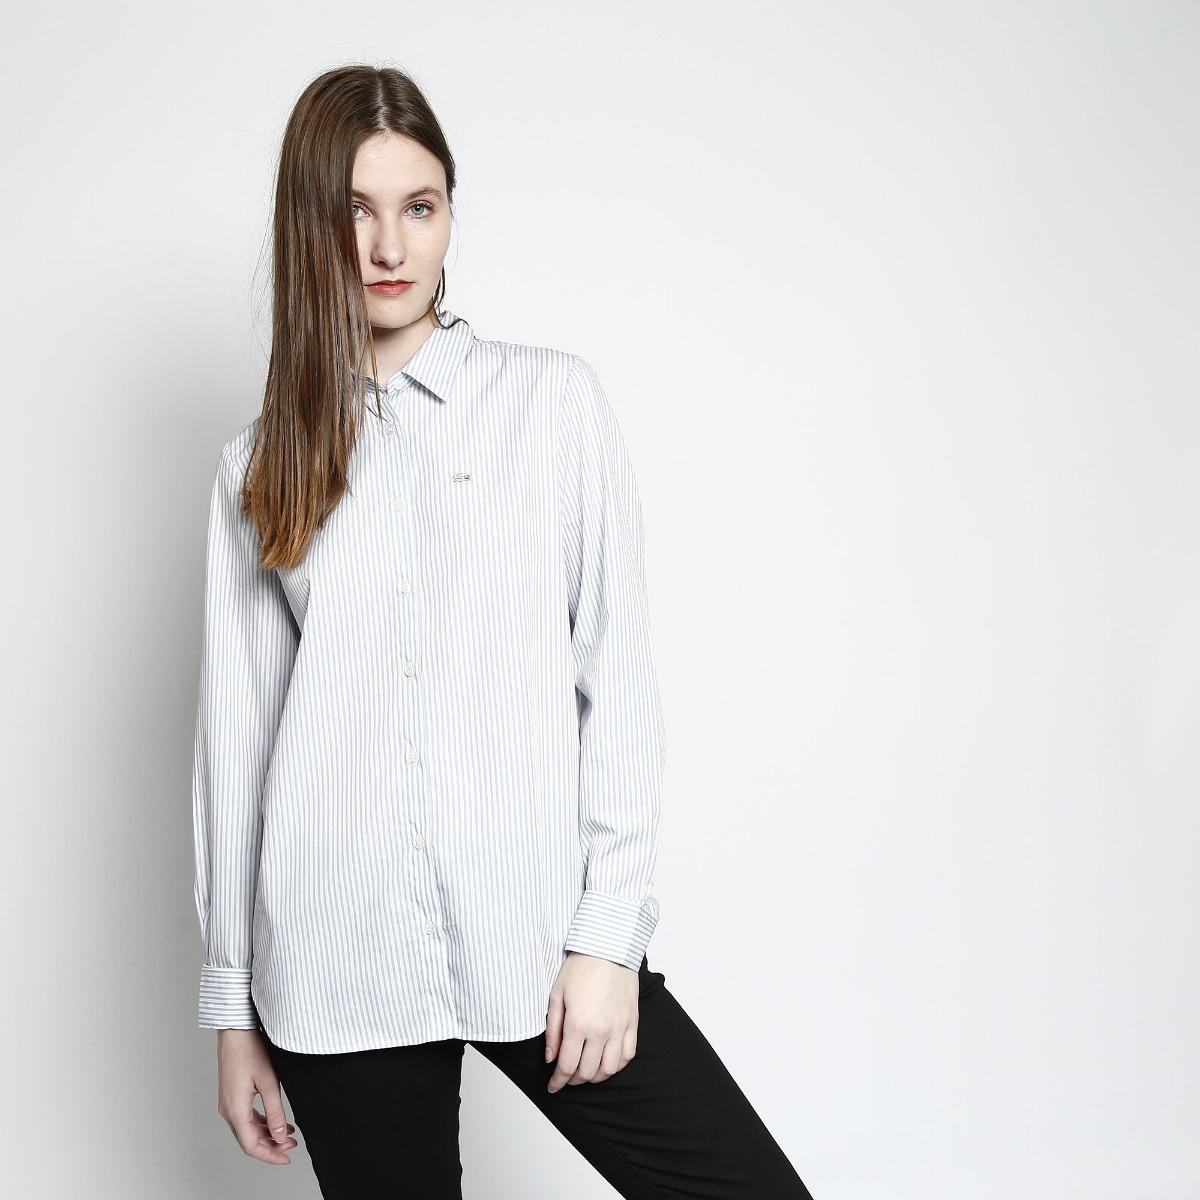 acb7c59efbfb0 camisa social lacoste feminina vários modelos cores tamanho. Carregando  zoom.